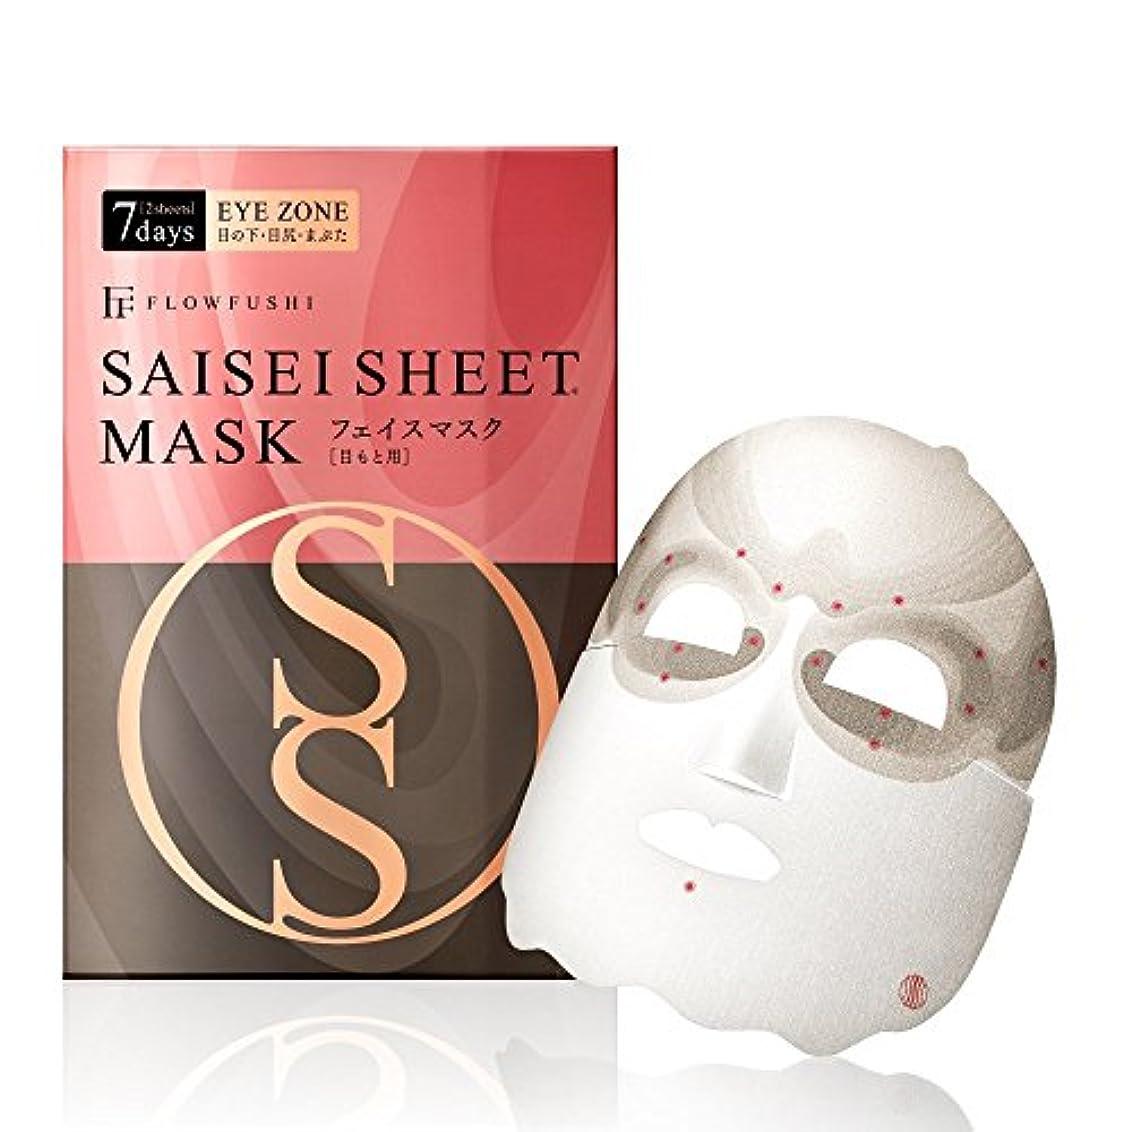 意味傷跡輝度SAISEIシート マスク [目もと用] 7days 2sheets